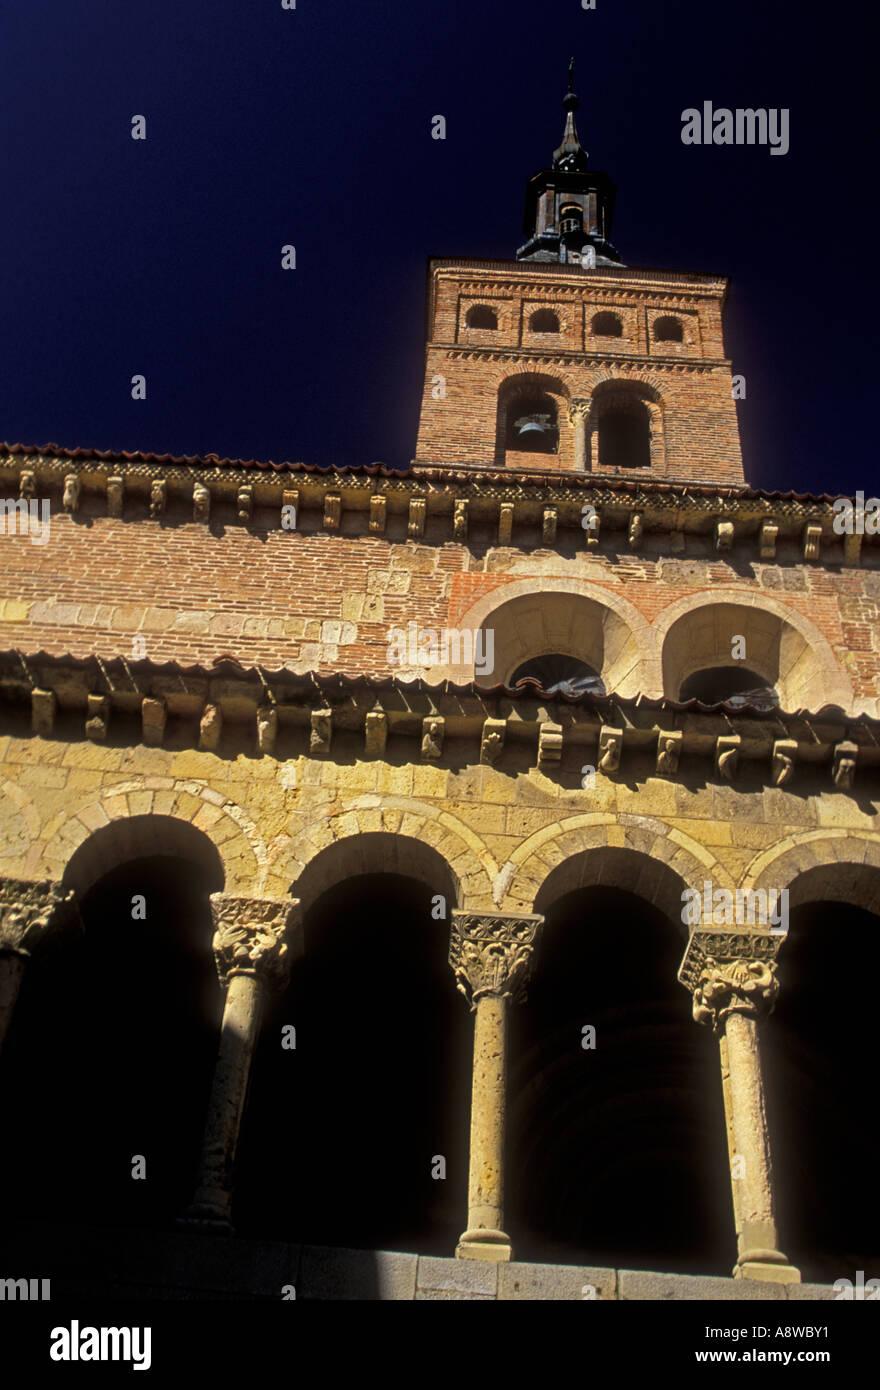 Iglesia de San Martin, San Martin Church, Plaza de Medina del Campo, Segovia, Segovia Province, Castile and Leon, Stock Photo